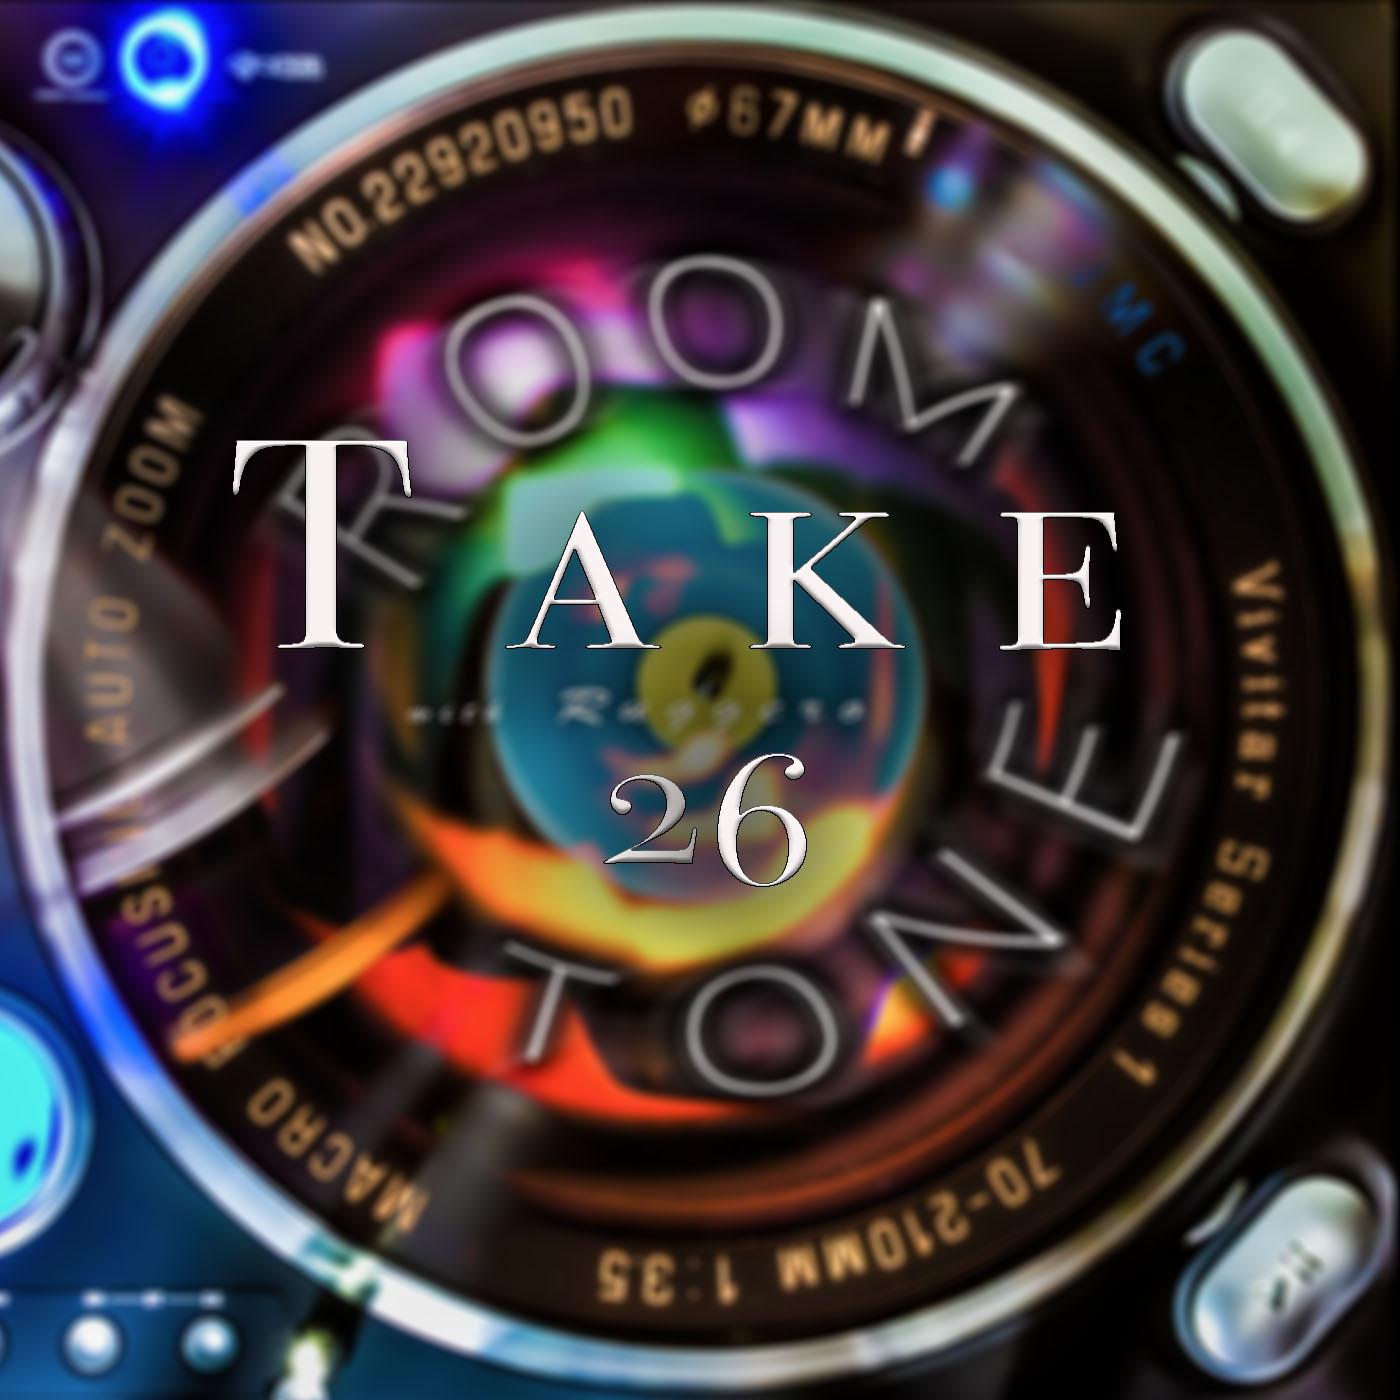 Room Tone Take 26.jpg